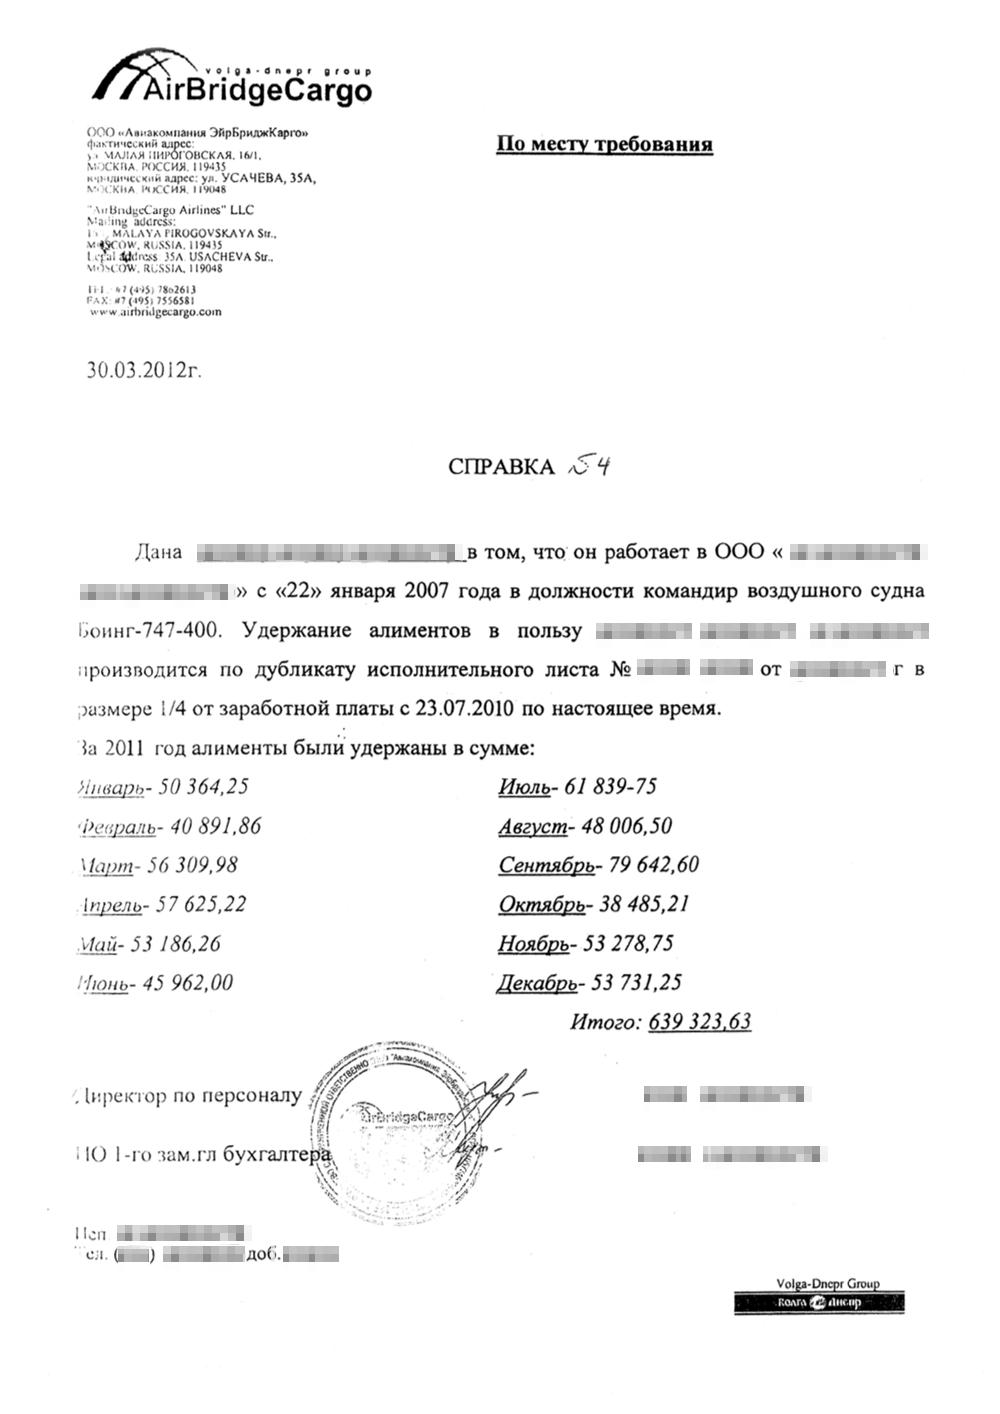 Справка с места работы Ивана о размере зарплаты и ежемесячных алиментов на содержание сына. За 2011год Татьяна получила алименты в размере 639 323,63 рубля